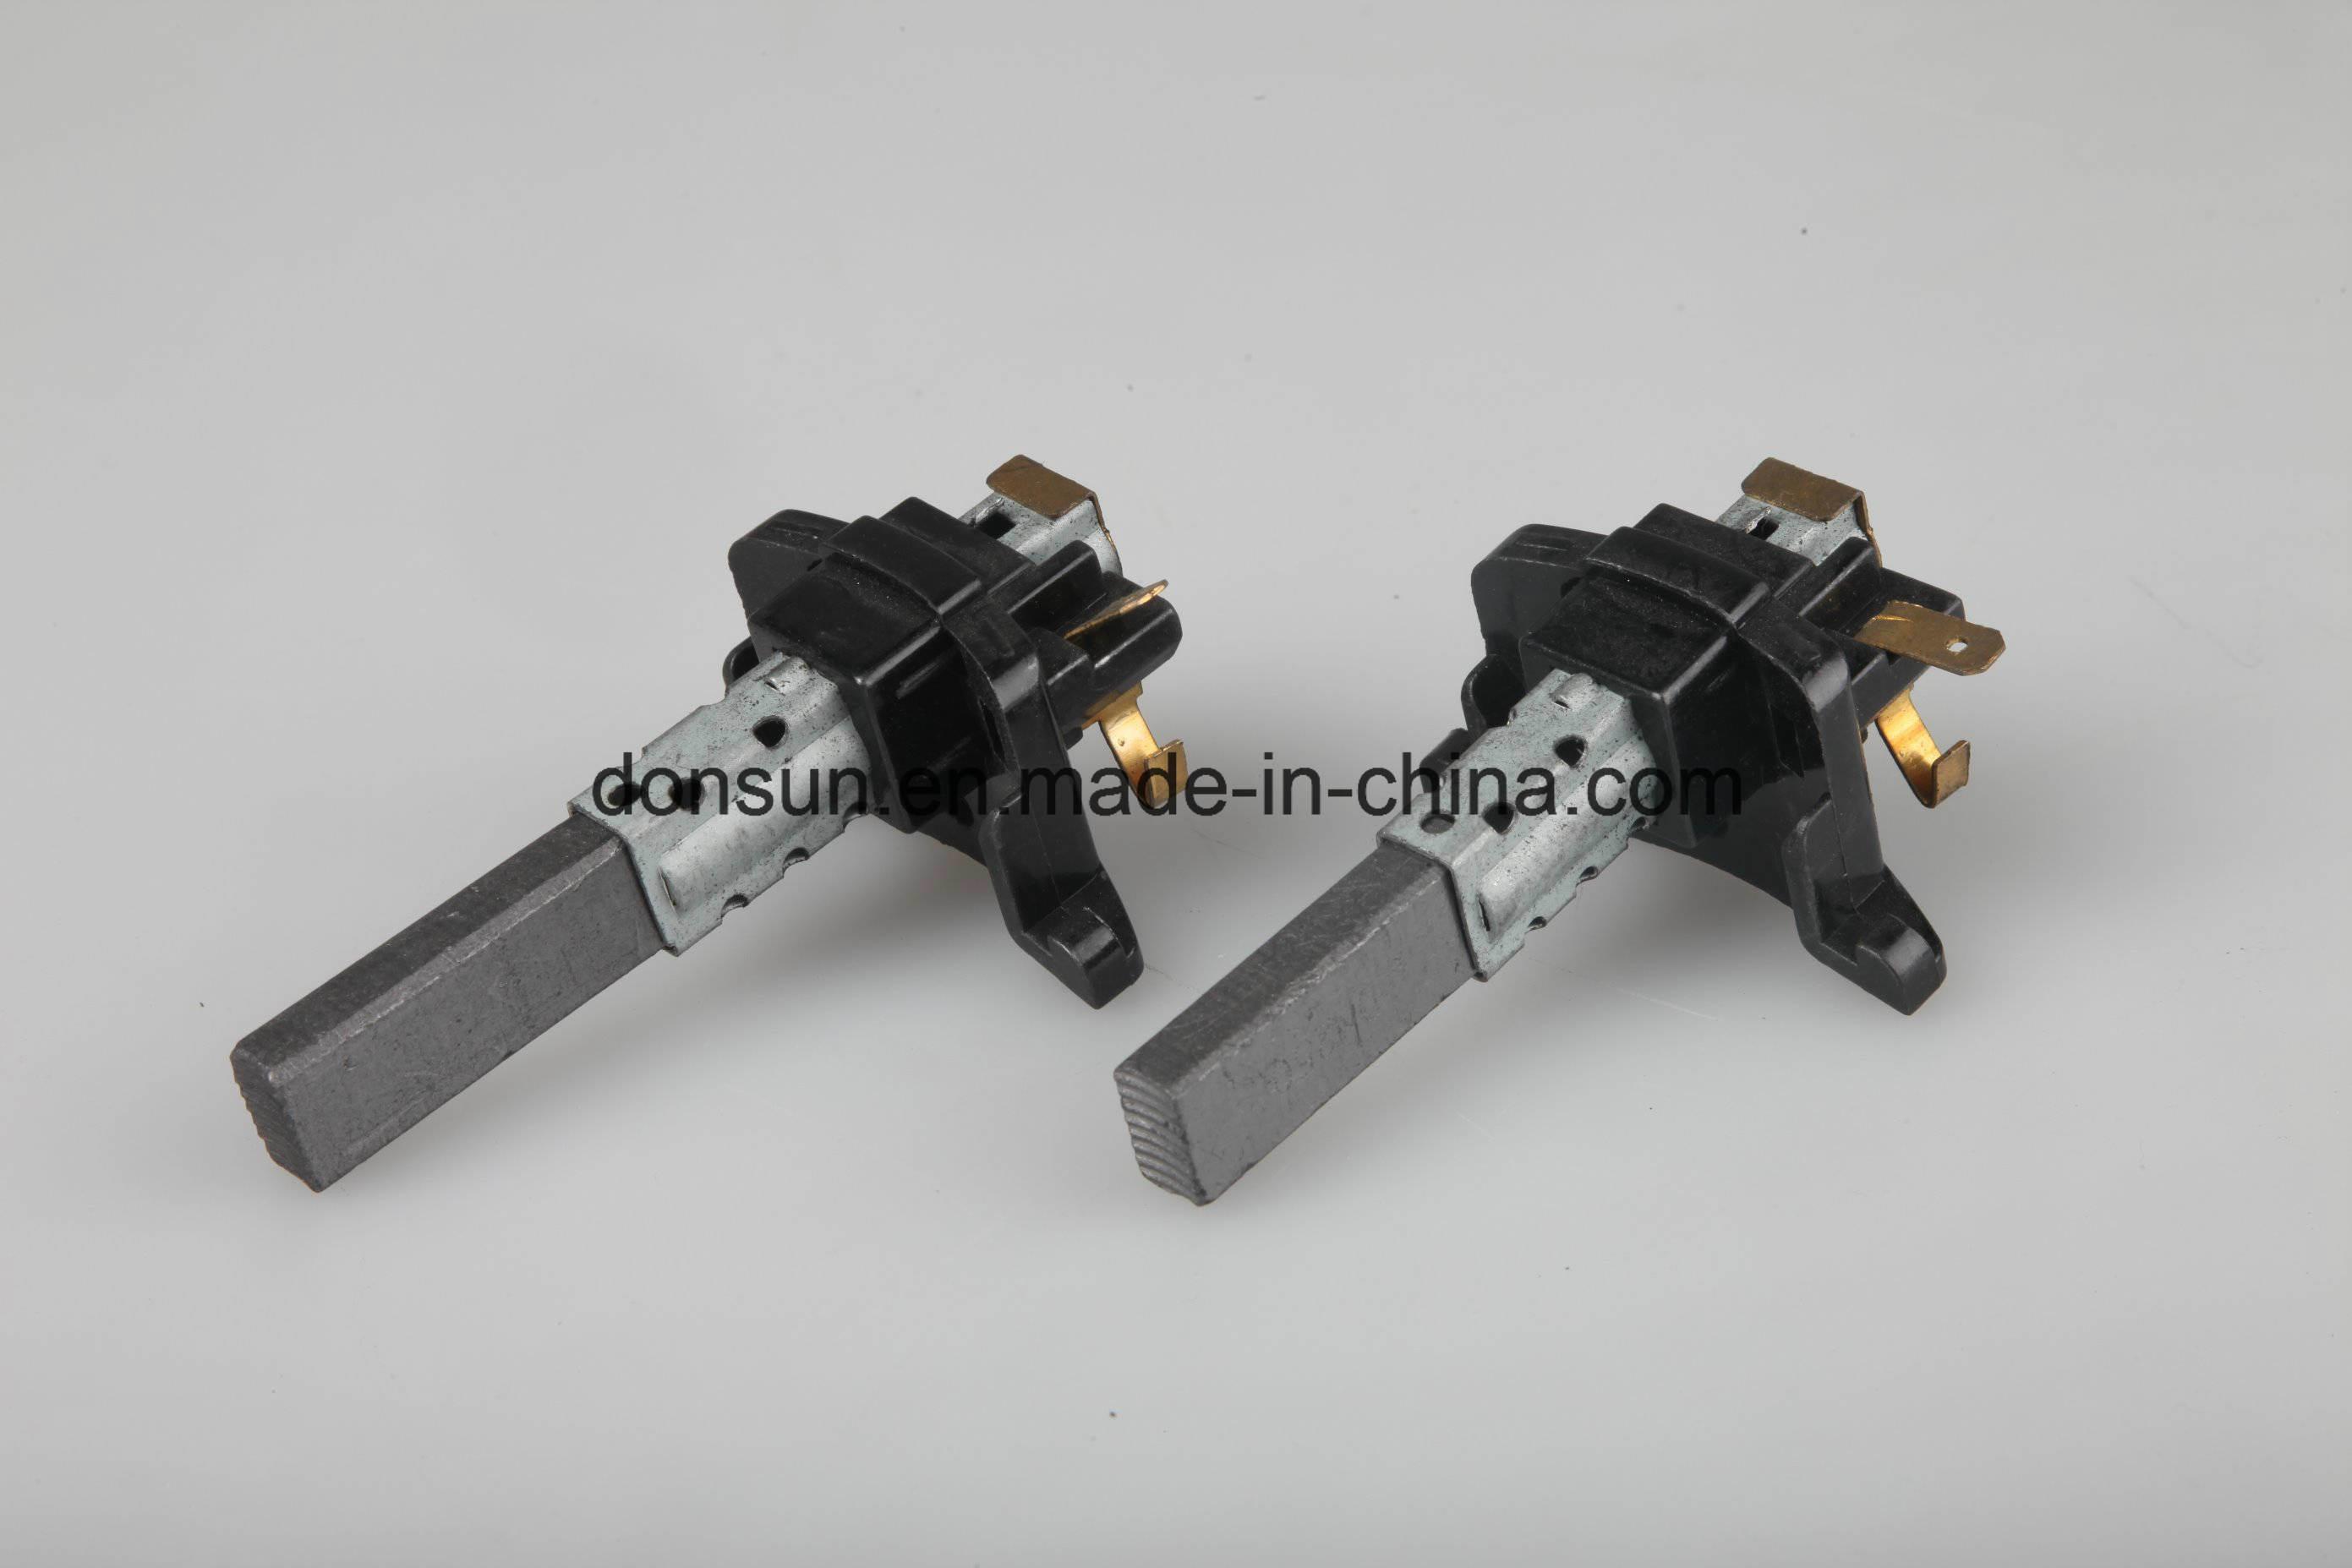 Carbon Brush for Vacuum Machine Motor Spare Parts